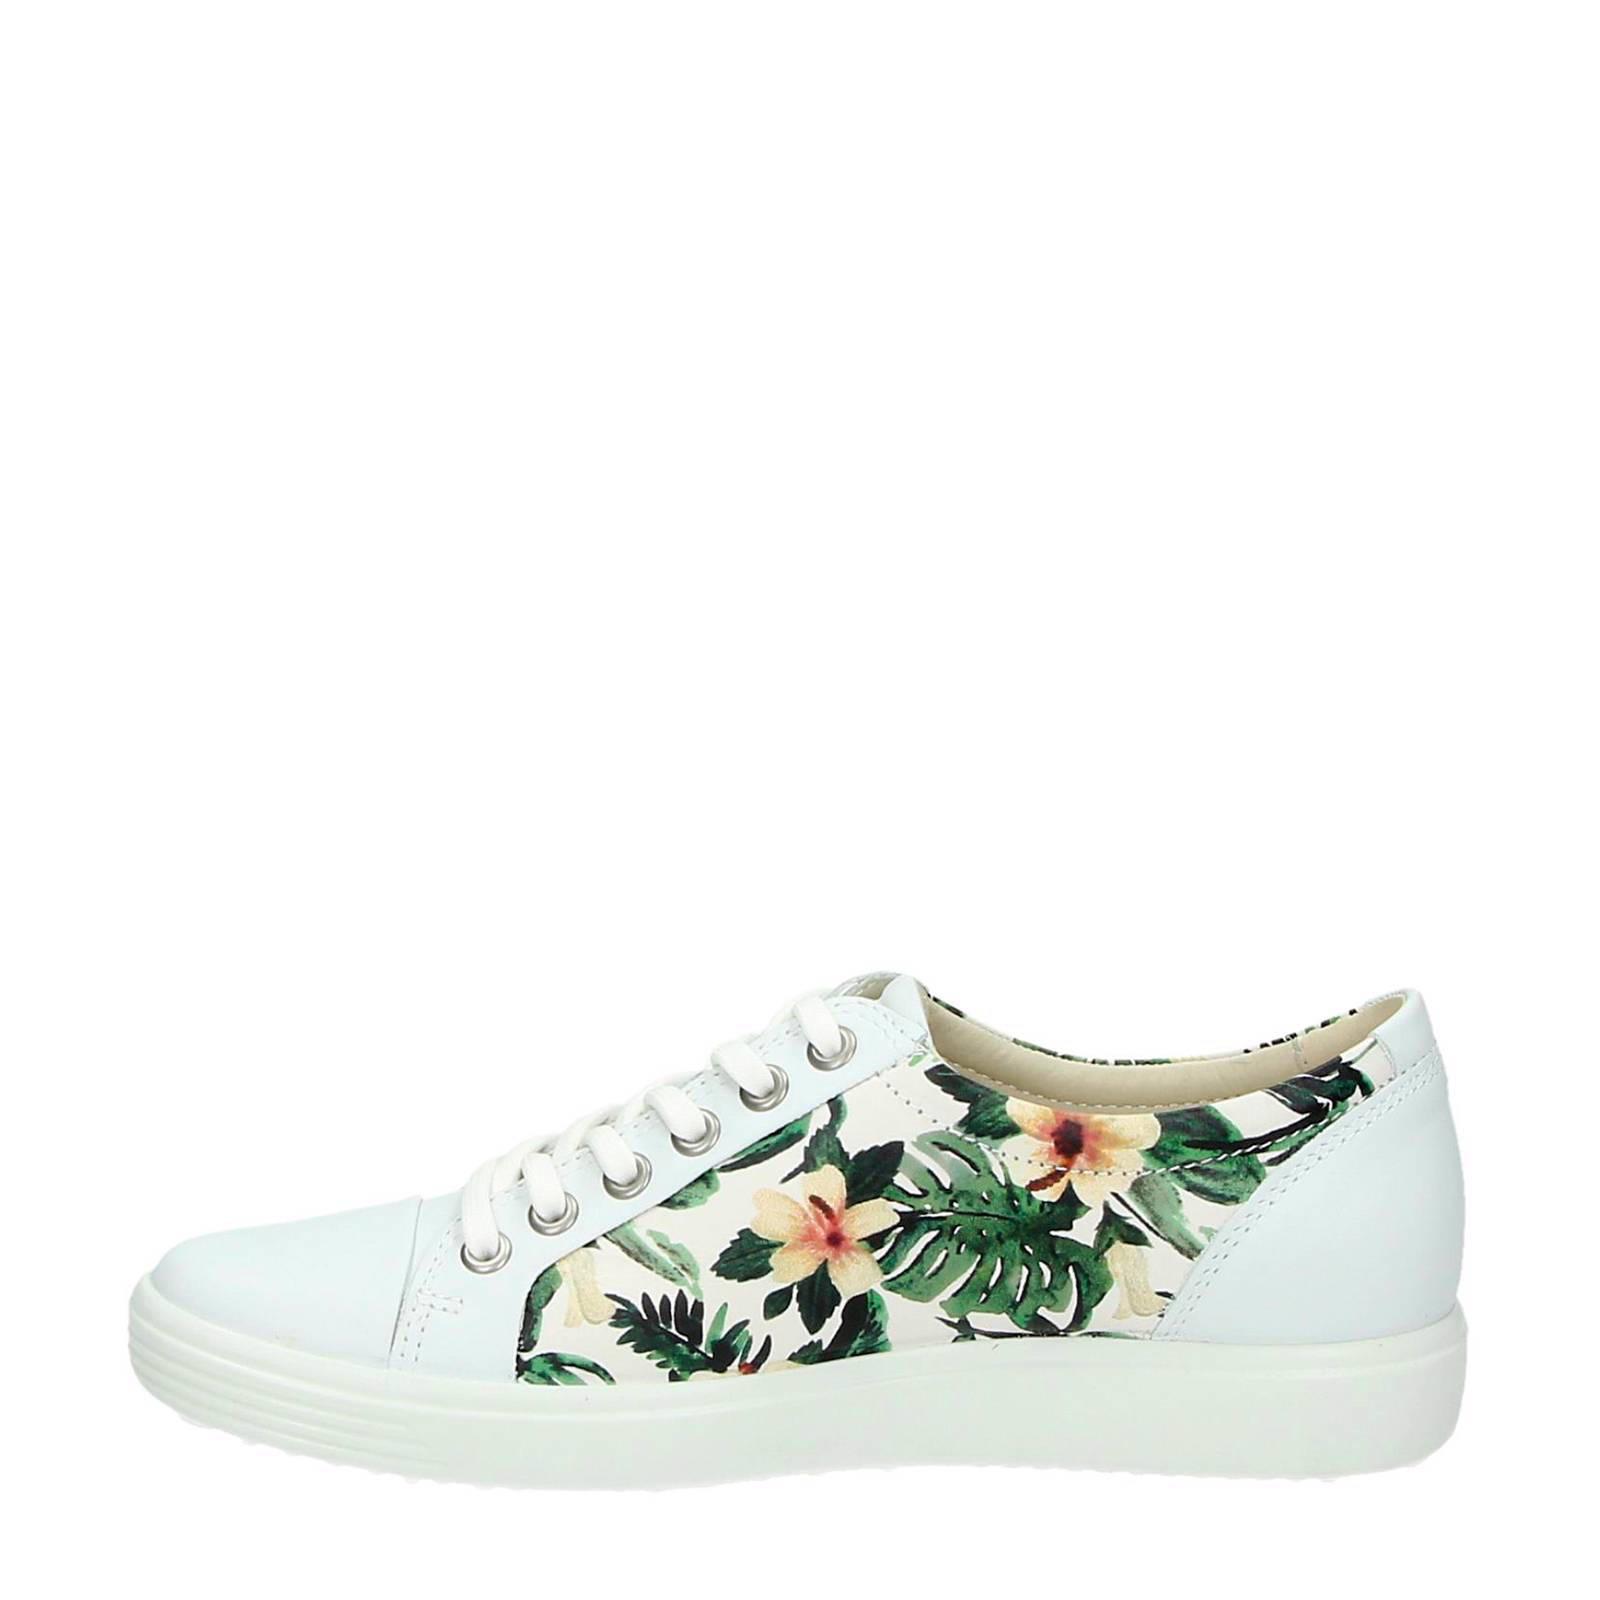 04f97c6ec61 Ecco leren sneakers met bloemen | wehkamp